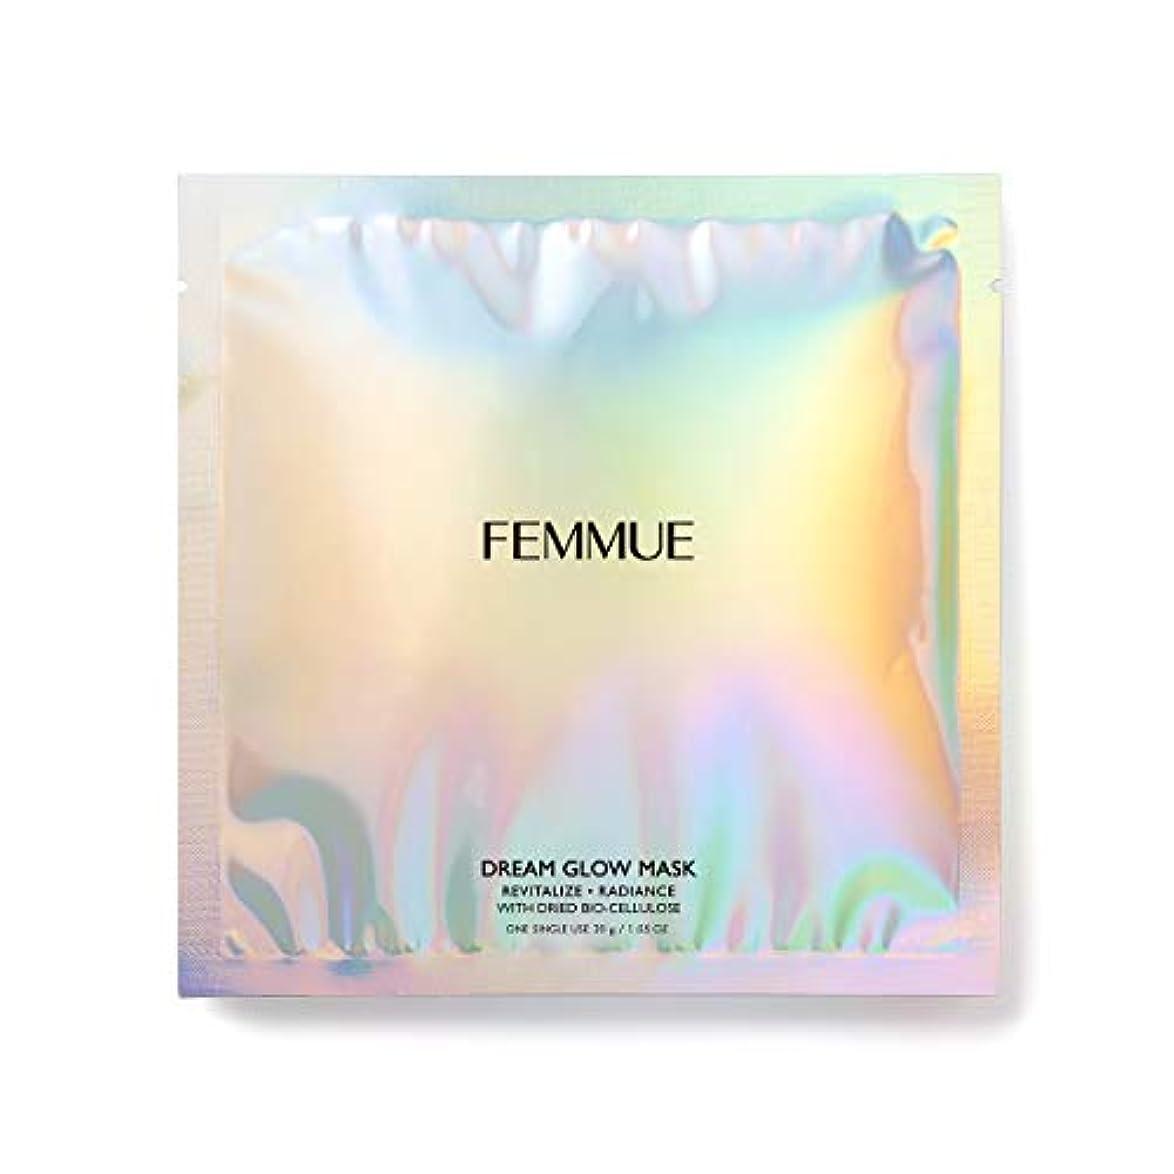 付けるチチカカ湖放出FEMMUE(ファミュ) ドリームグロウマスクRR[透明感?キメ]30mL×6枚入 日本正規品 ネロリ(RR)[透明感?キメ]